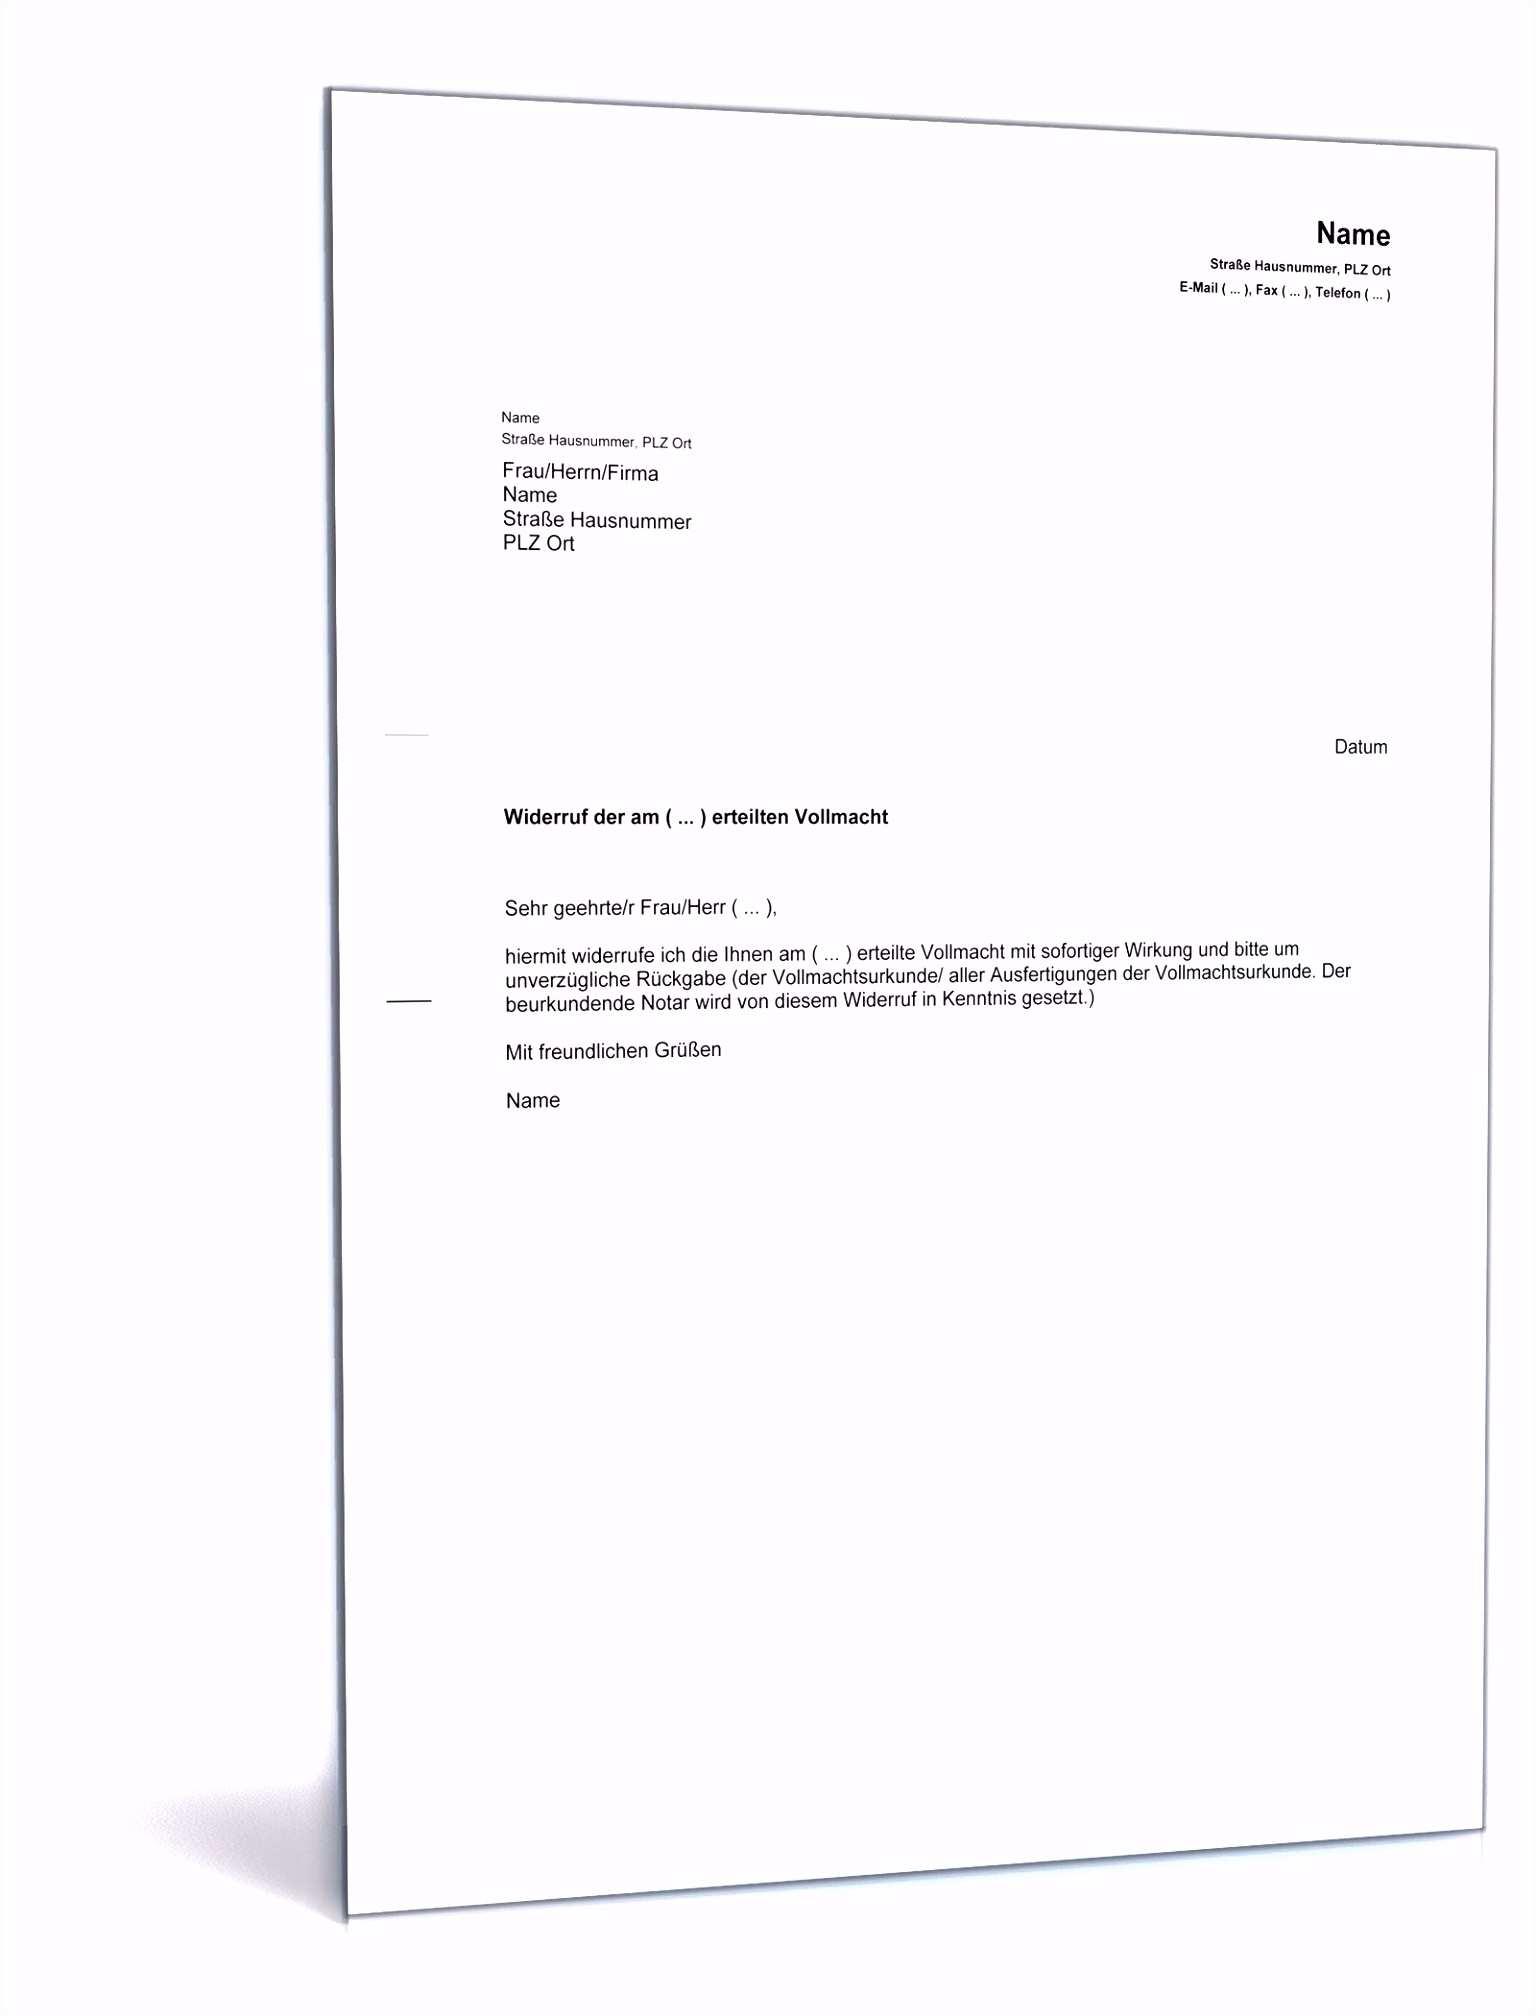 Rucktritt Kaufvertrag Kuche Finanzierung 5 Widerrufsrecht Autokauf Vorlage Sampletemplatex1234